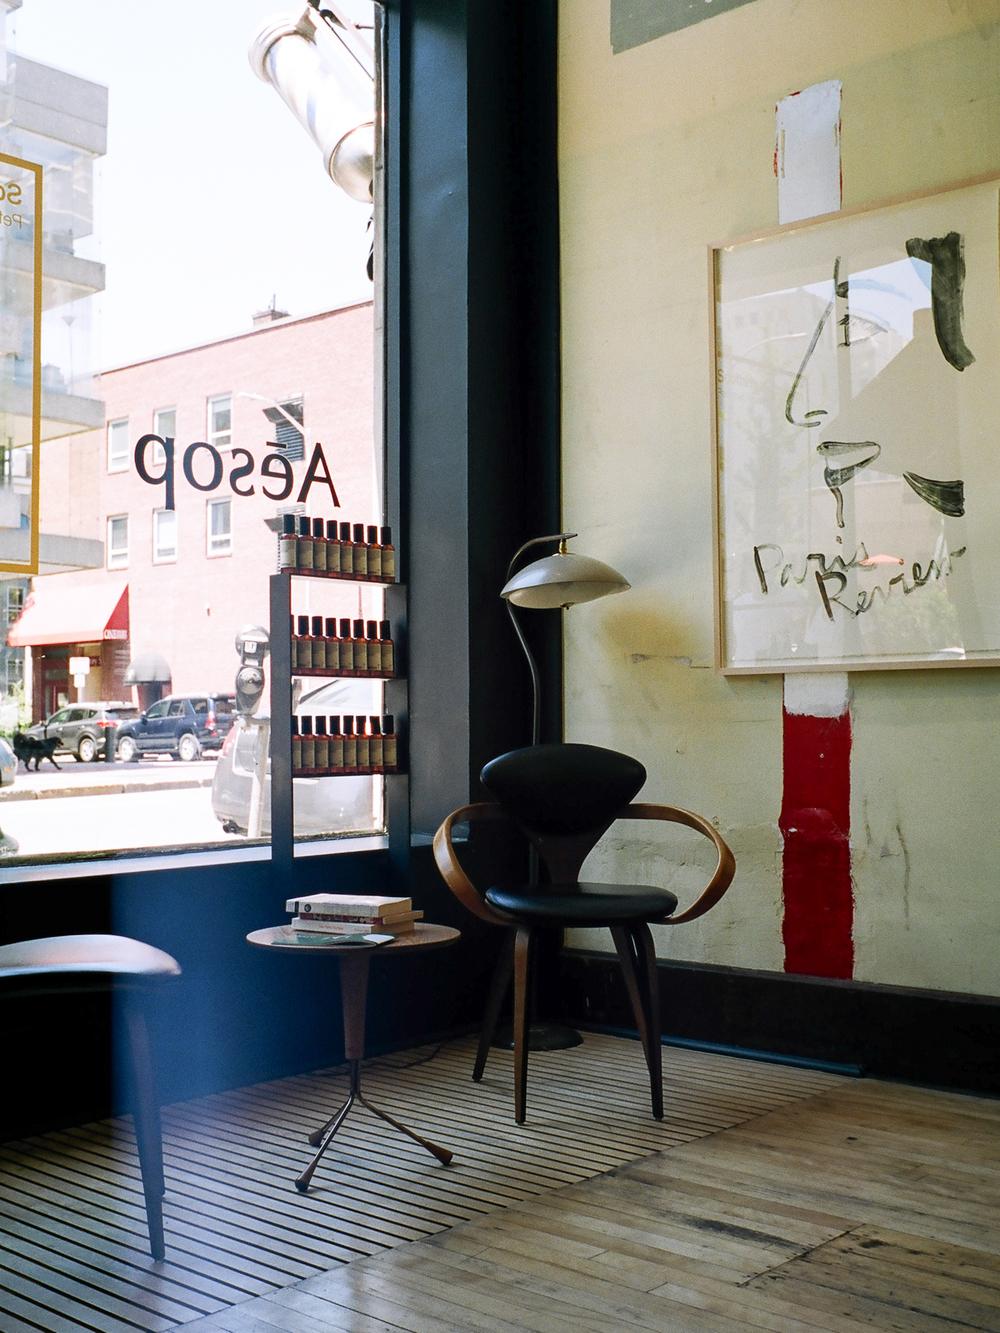 LeicaM6_Portra400-180.jpg